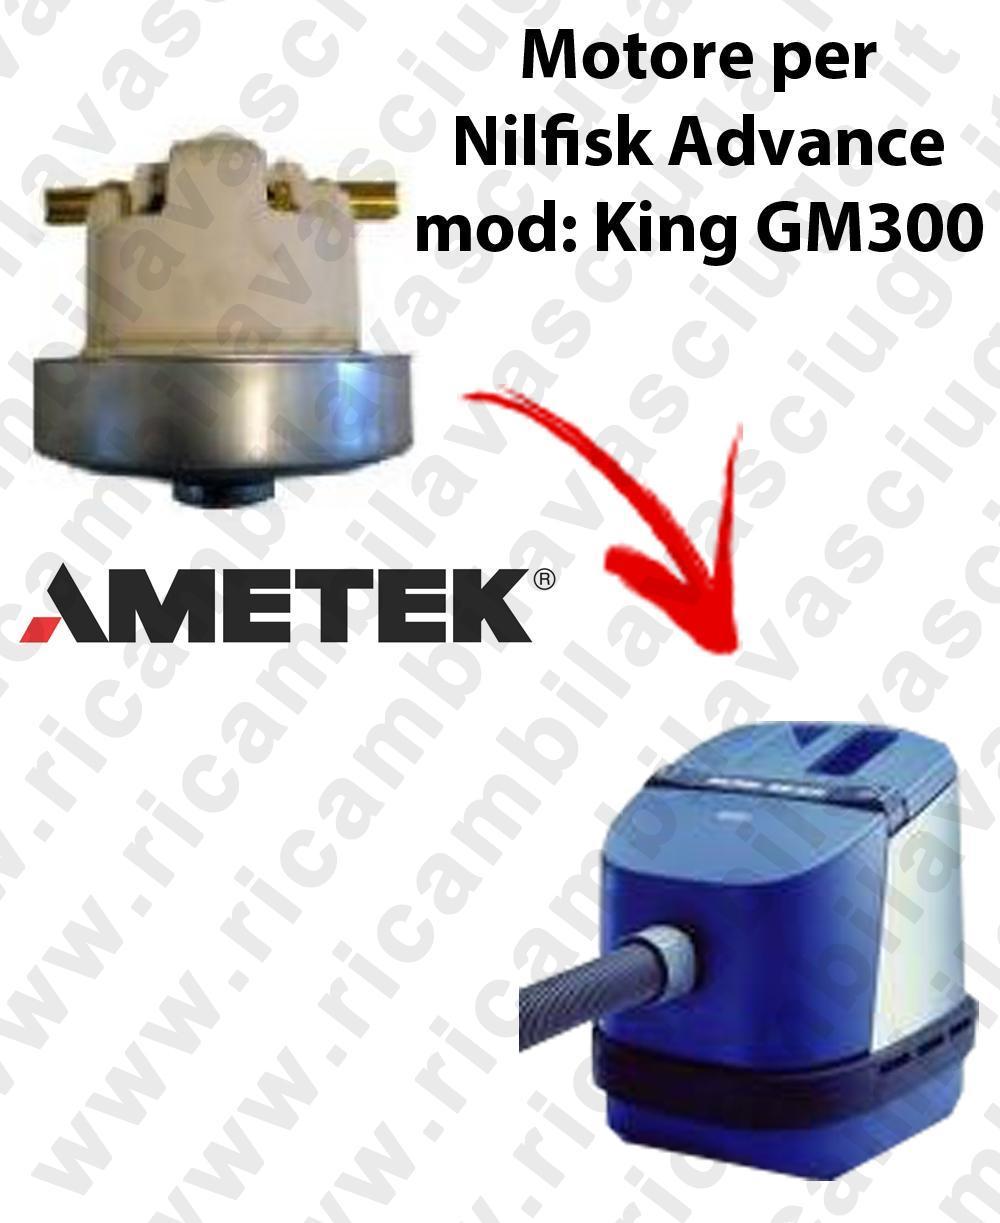 KING GM 300  Motore de aspiración AMETEK  para aspiradora Nilfisk Advance